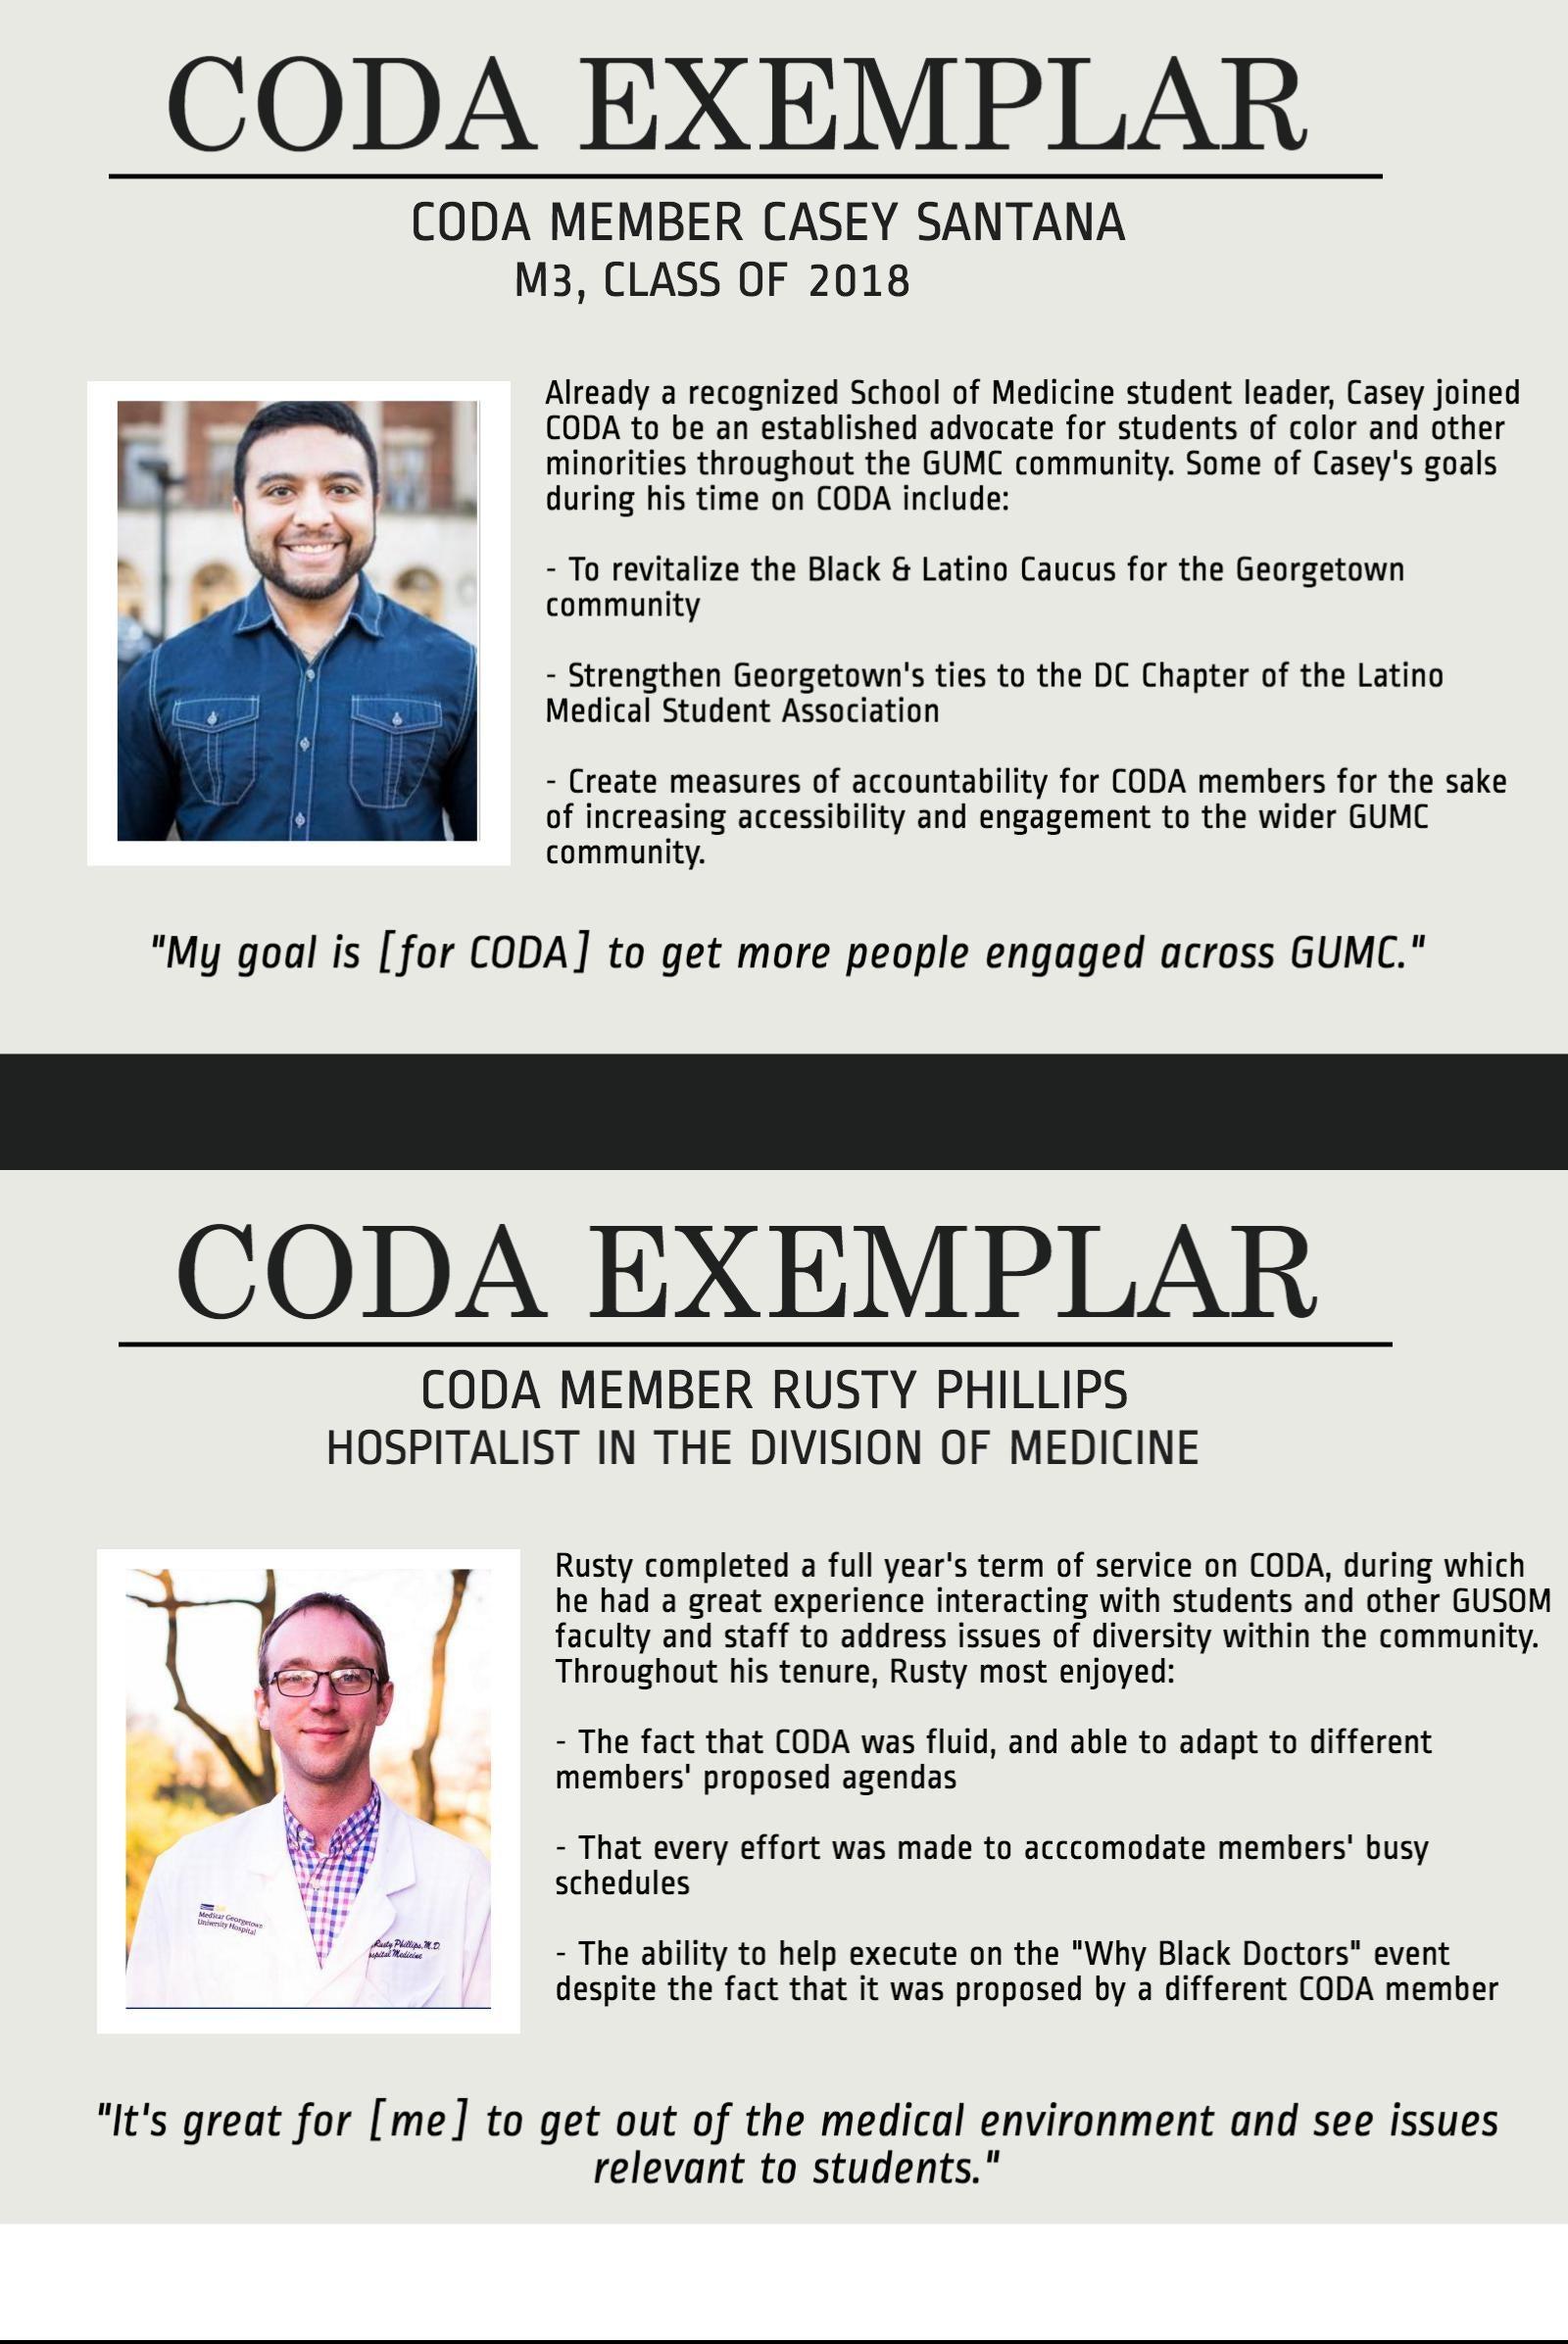 CODA EXEMPLAR: Casey Santana and Rusty Phillips